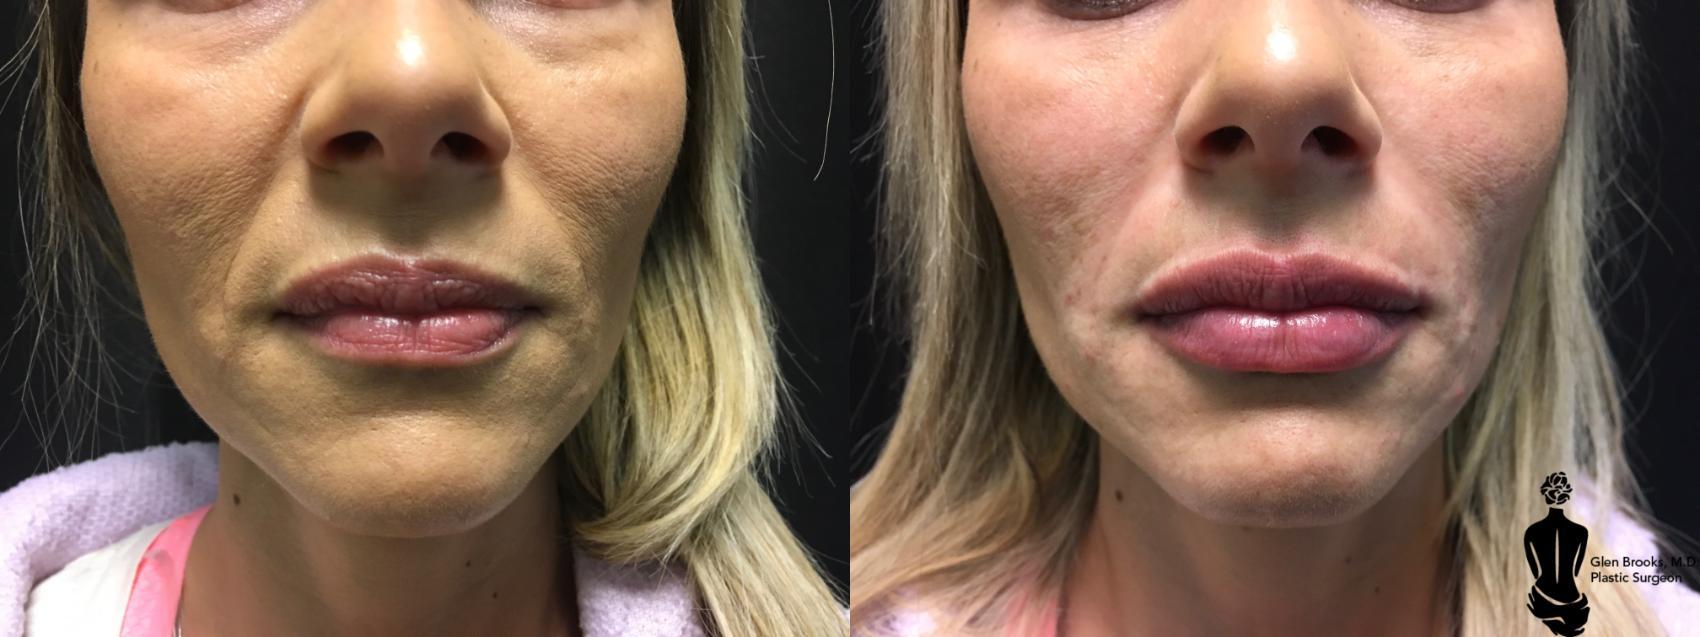 Hartford and Springfield Skin Rejuvenation with Dermal Fillers